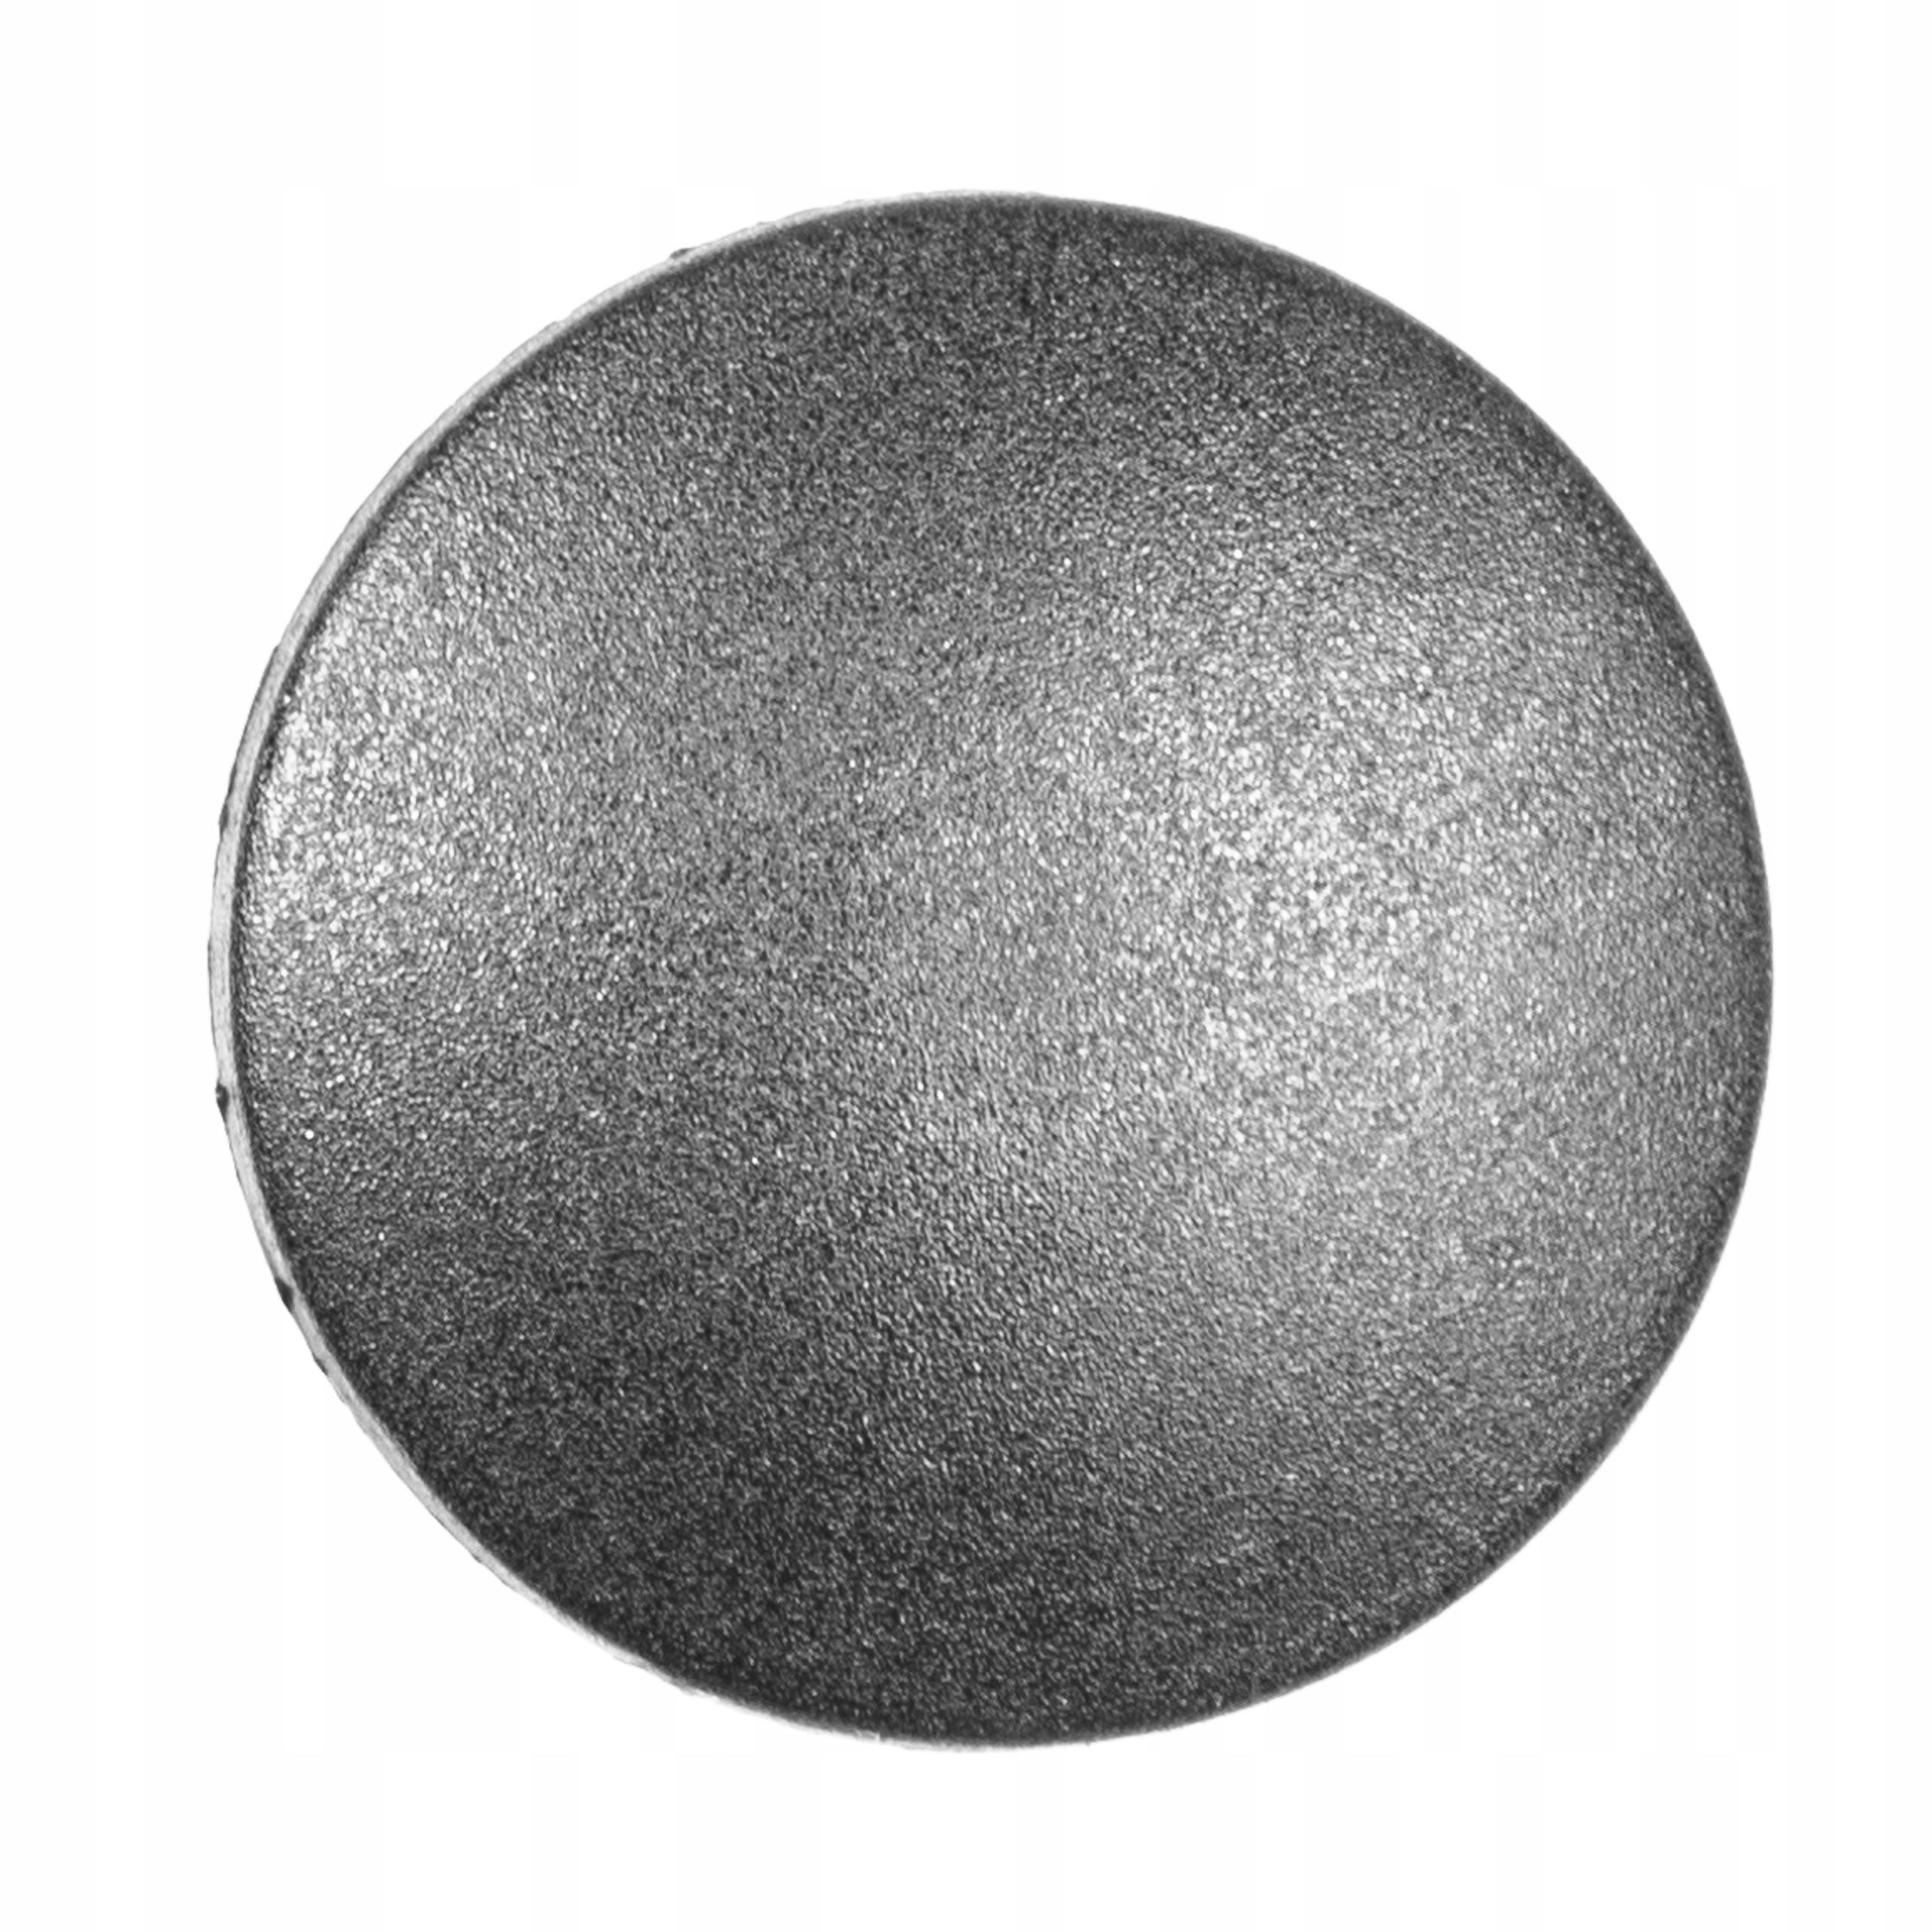 Застібка кілок розпорний обшиви універсальний 6 mm - фото 5